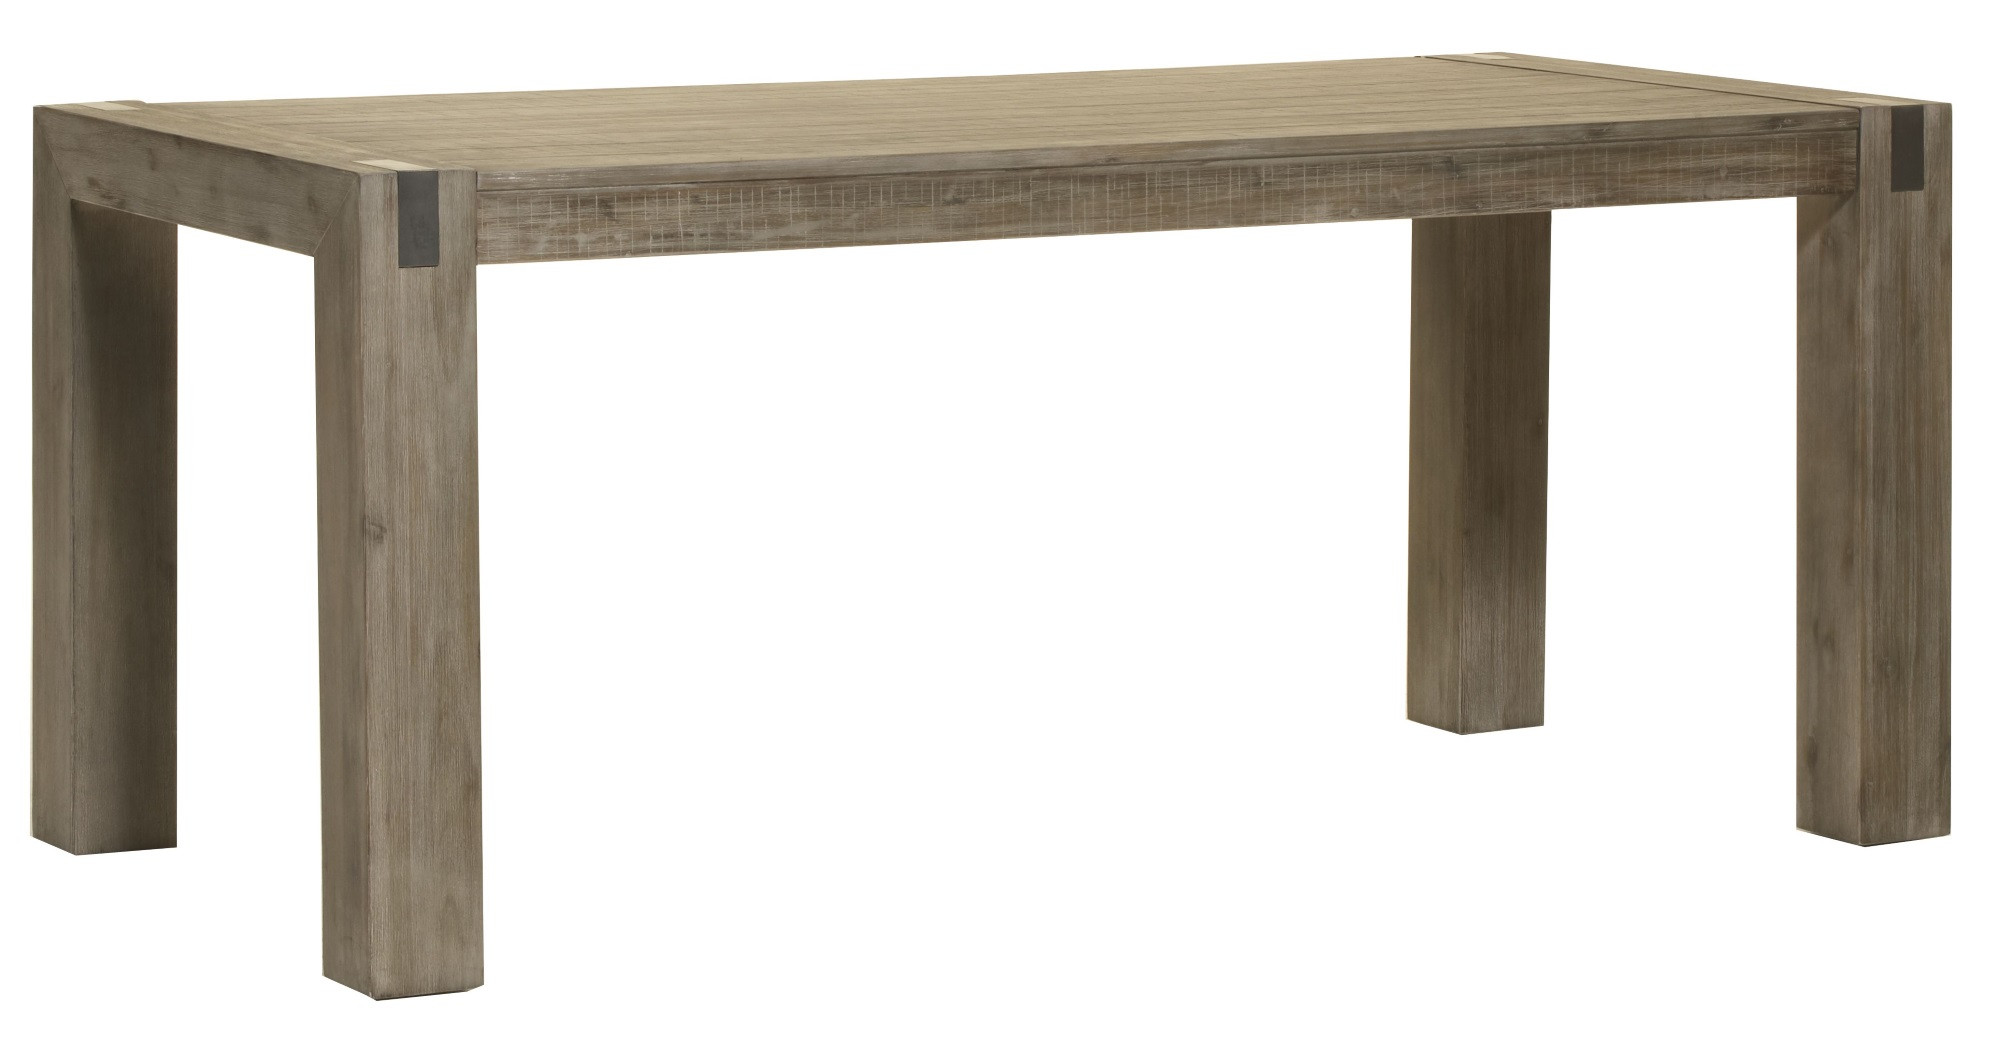 Table de salle à manger contemporaine bois massif gris brumeux Kalija